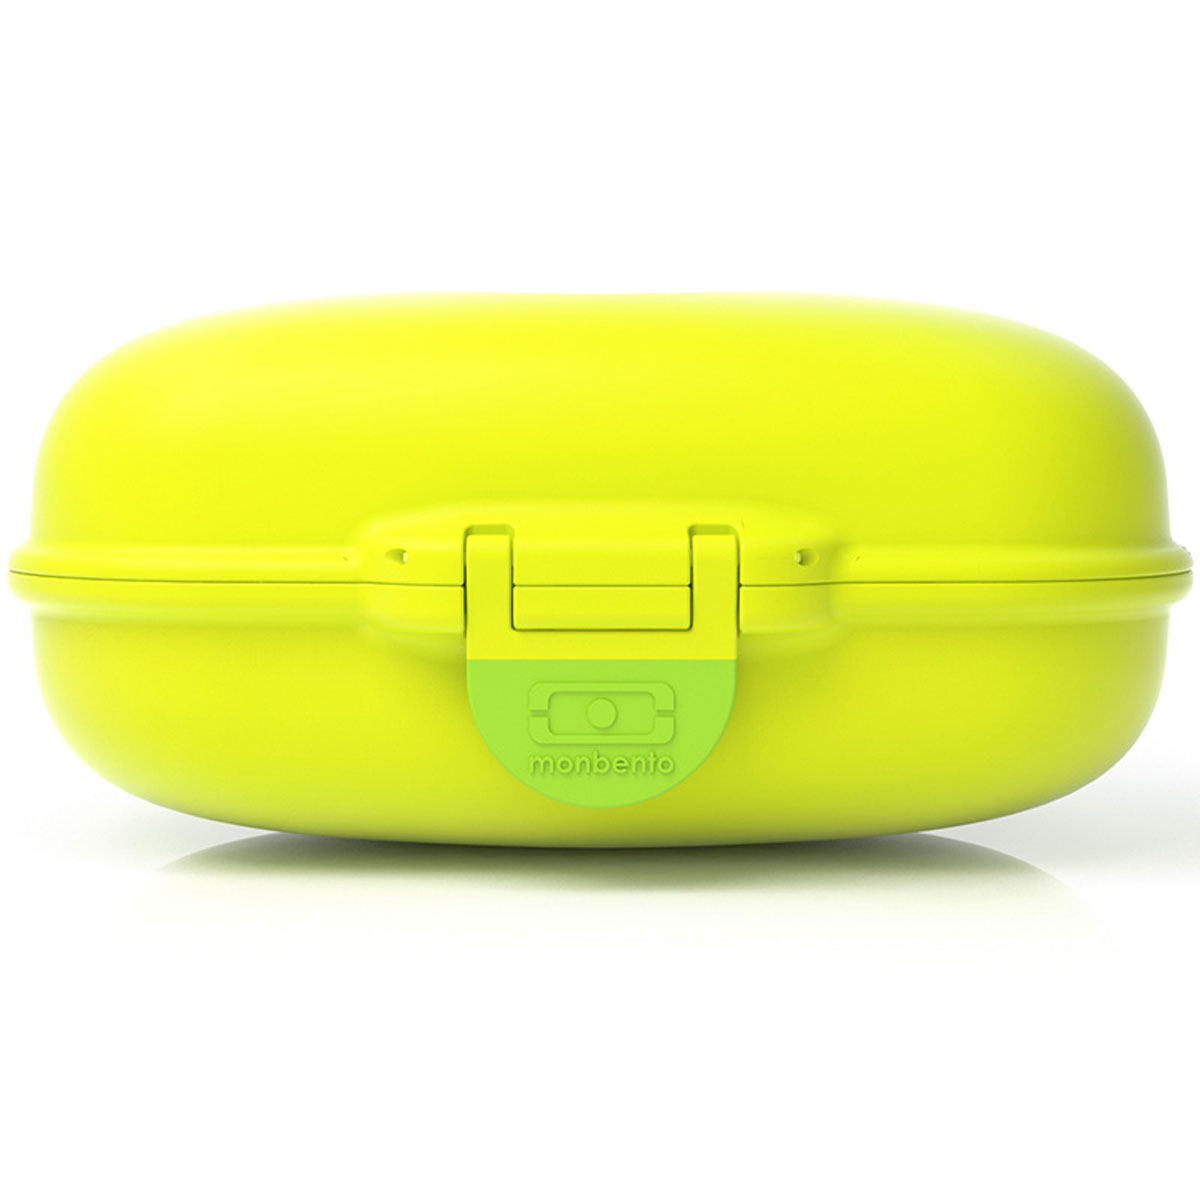 Ланчбокс Monbento Gram, цвет: киви, 600 мл3000 02 055Ланчбокс Monbento Gram изготовлен из высококачественного пищевого пластика. Предназначен для хранения и переноски пищевых продуктов. Ланчбокс плотно закрывается на защелку. Компактные размеры позволят хранить его в любой сумке. Ланчбокс удобно взять с собой на работу, отдых, в поездку. Теперь любимая домашняя еда всегда будет под рукой, а яркий дизайн поднимет настроение и подарит заряд позитива.Объем: 600 мл. Размер ланчбокса: 15 см х 10 см х 7 см.